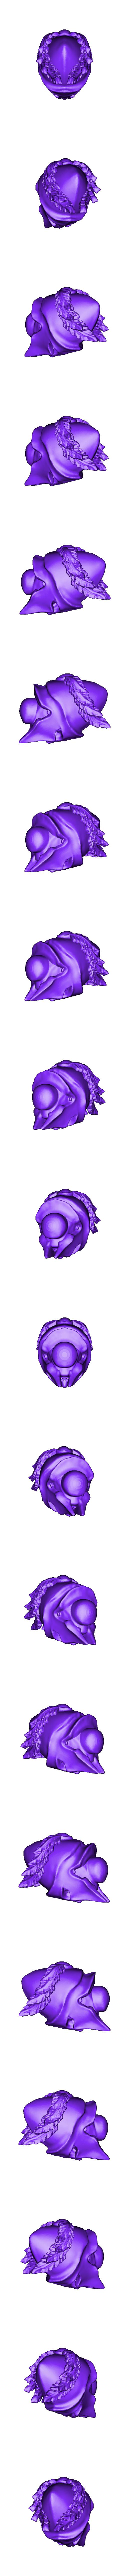 head_v1.stl Télécharger fichier STL gratuit Infatrie des elfes / Miniatures des lanciers • Plan imprimable en 3D, Ilhadiel